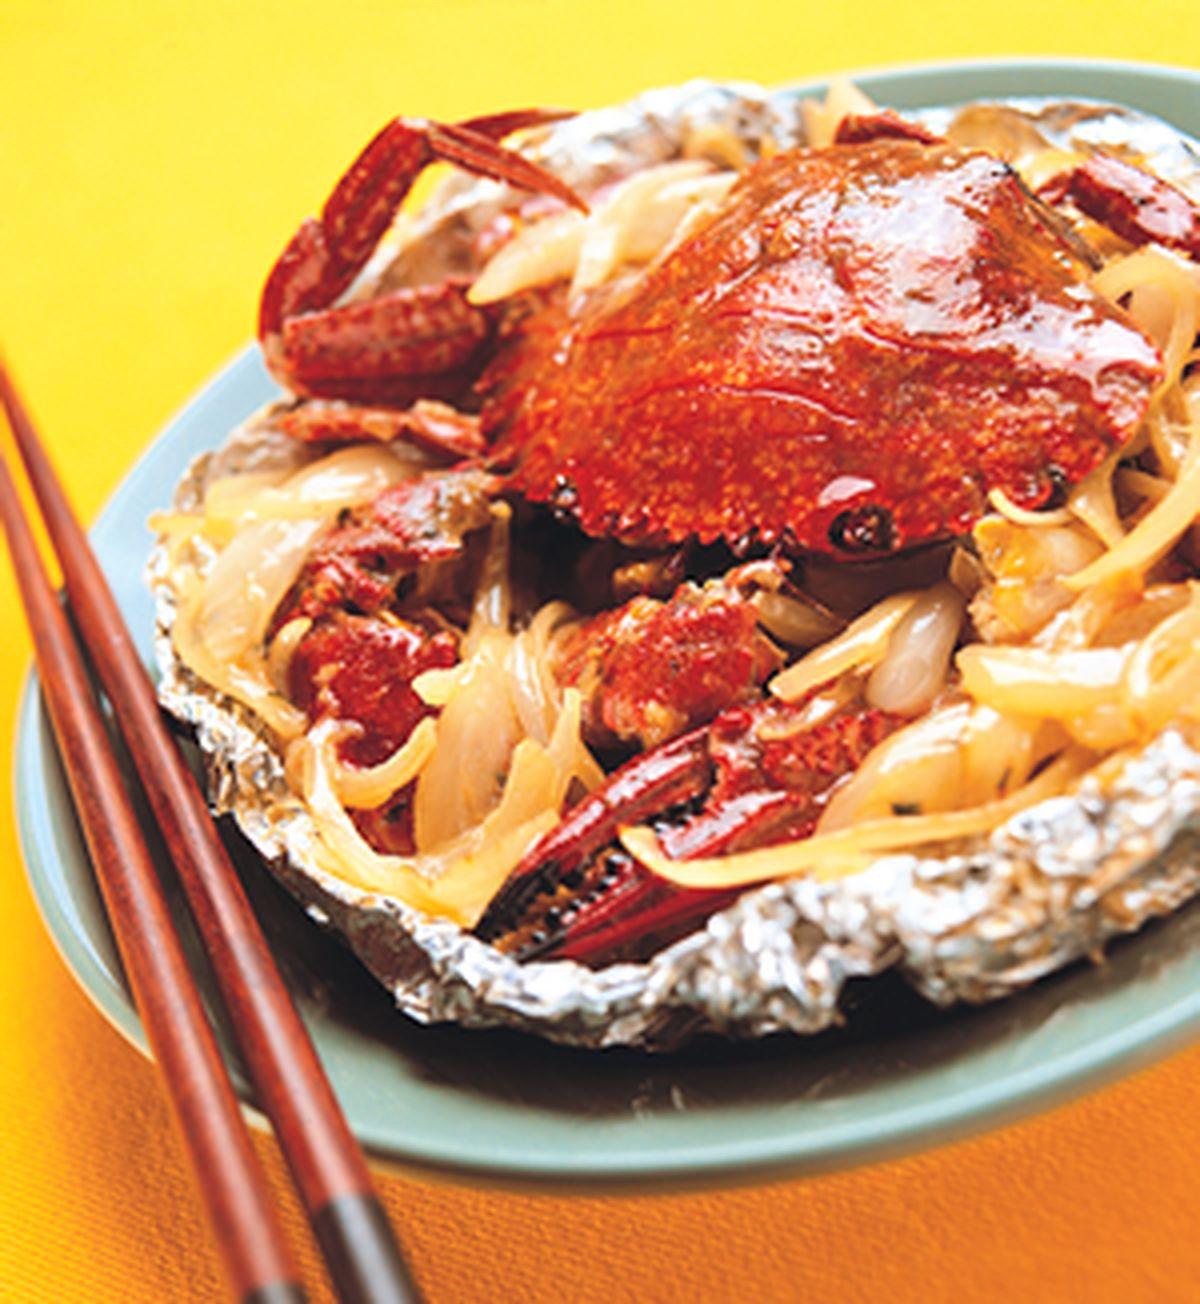 食譜:螃蟹奶油燒